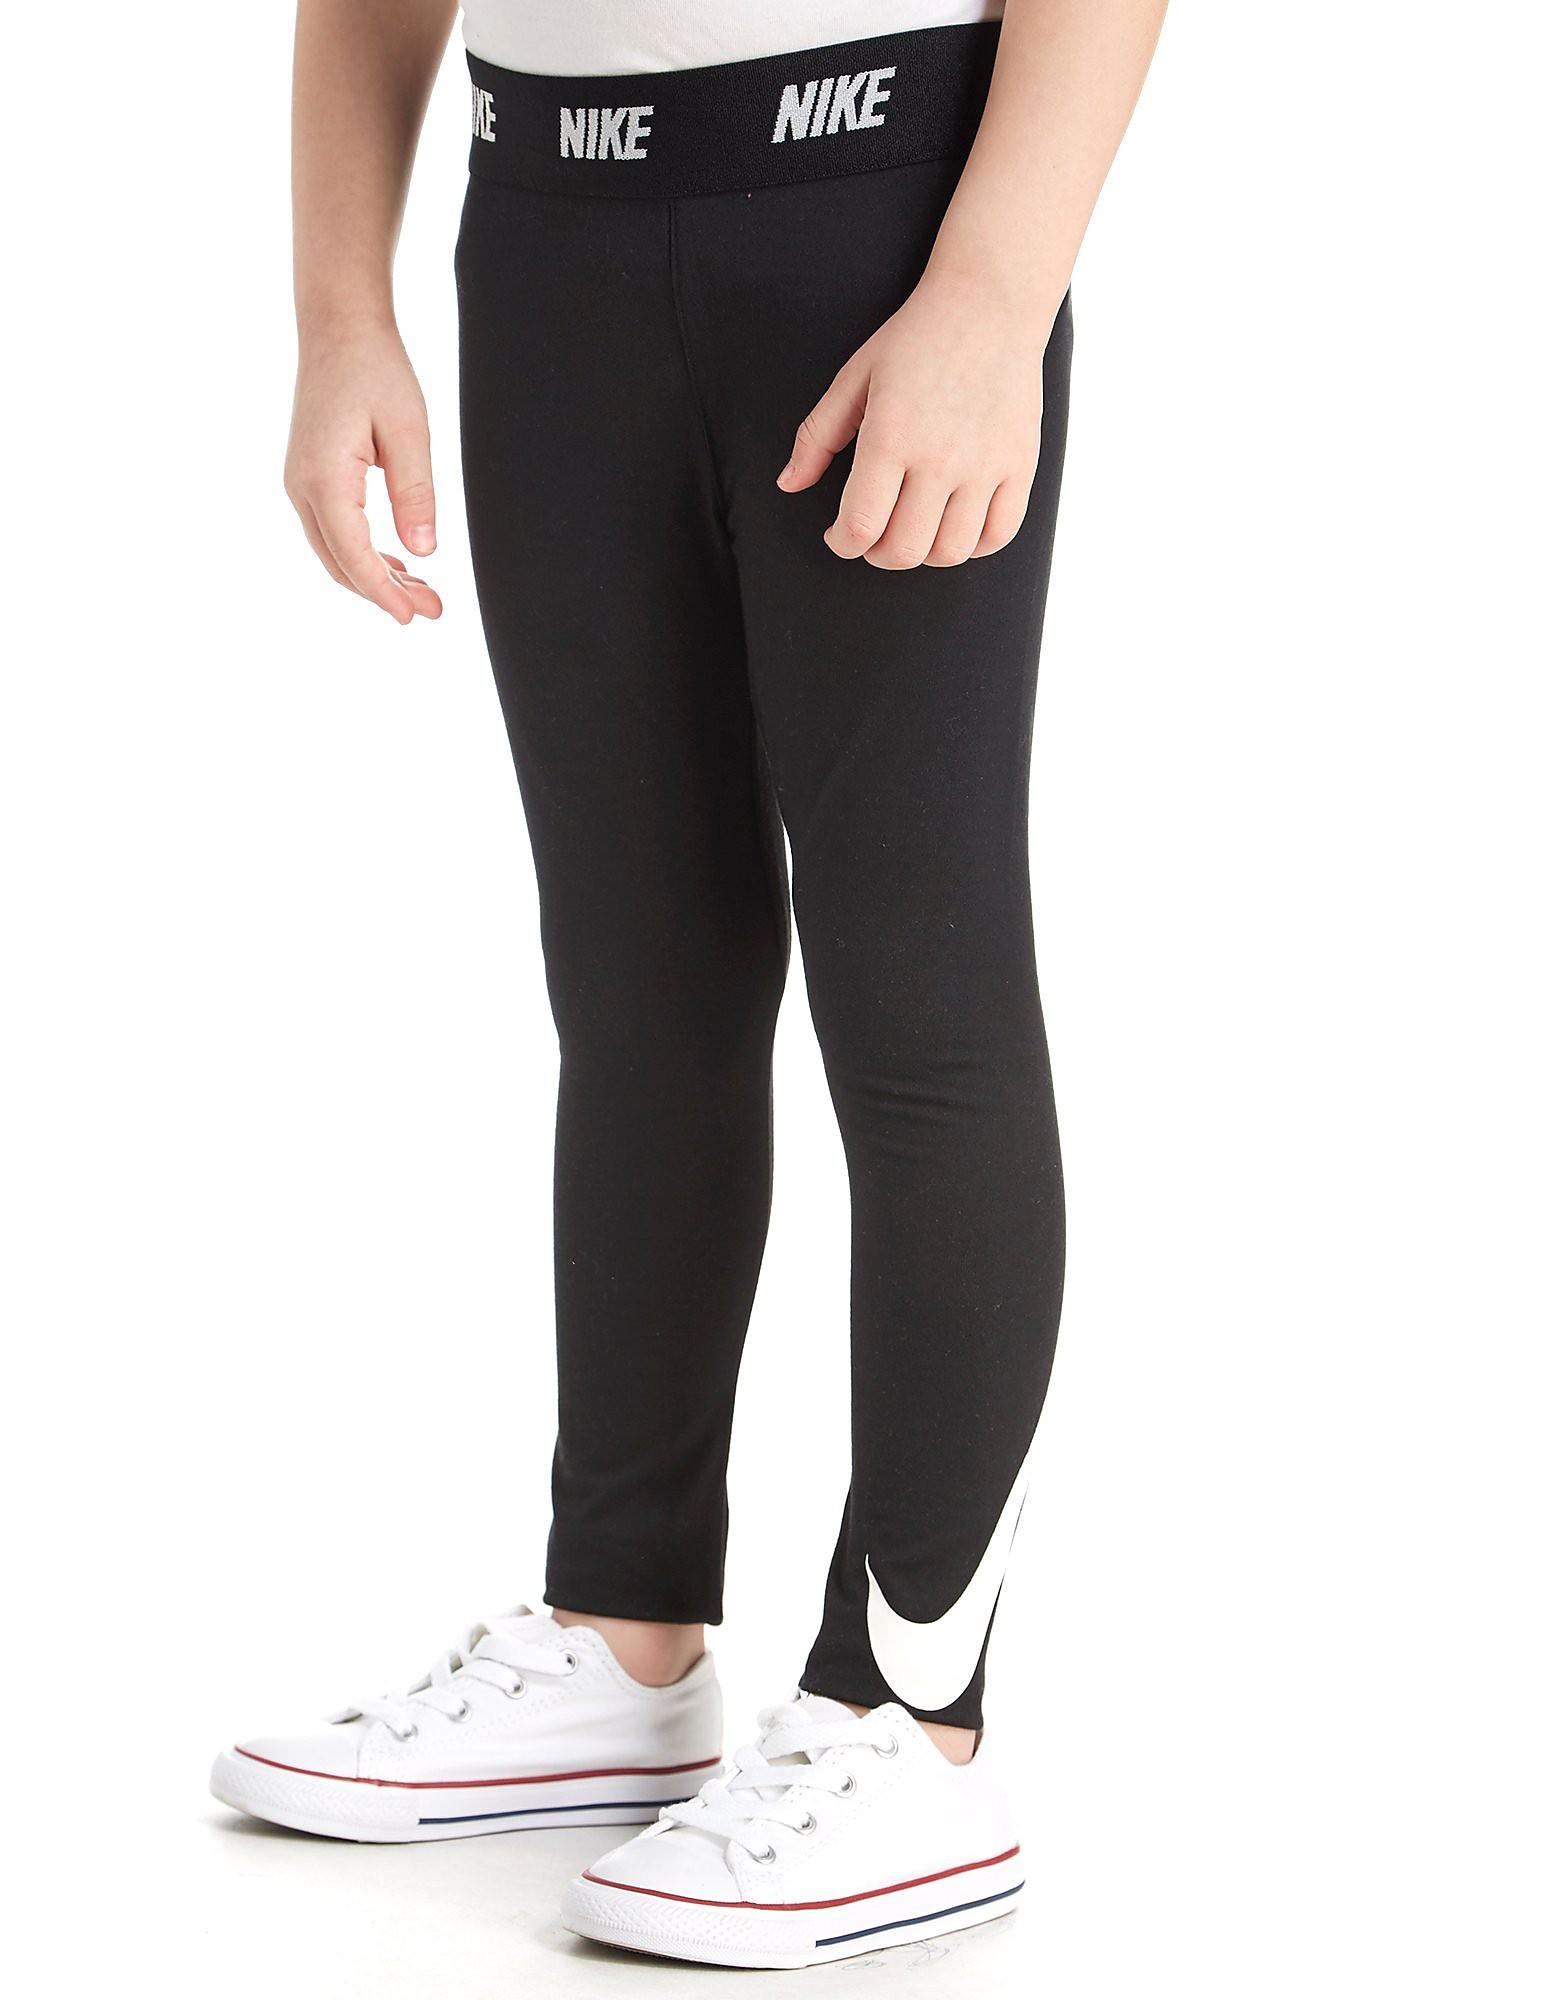 Nike Girls' Swoosh Leggings Children